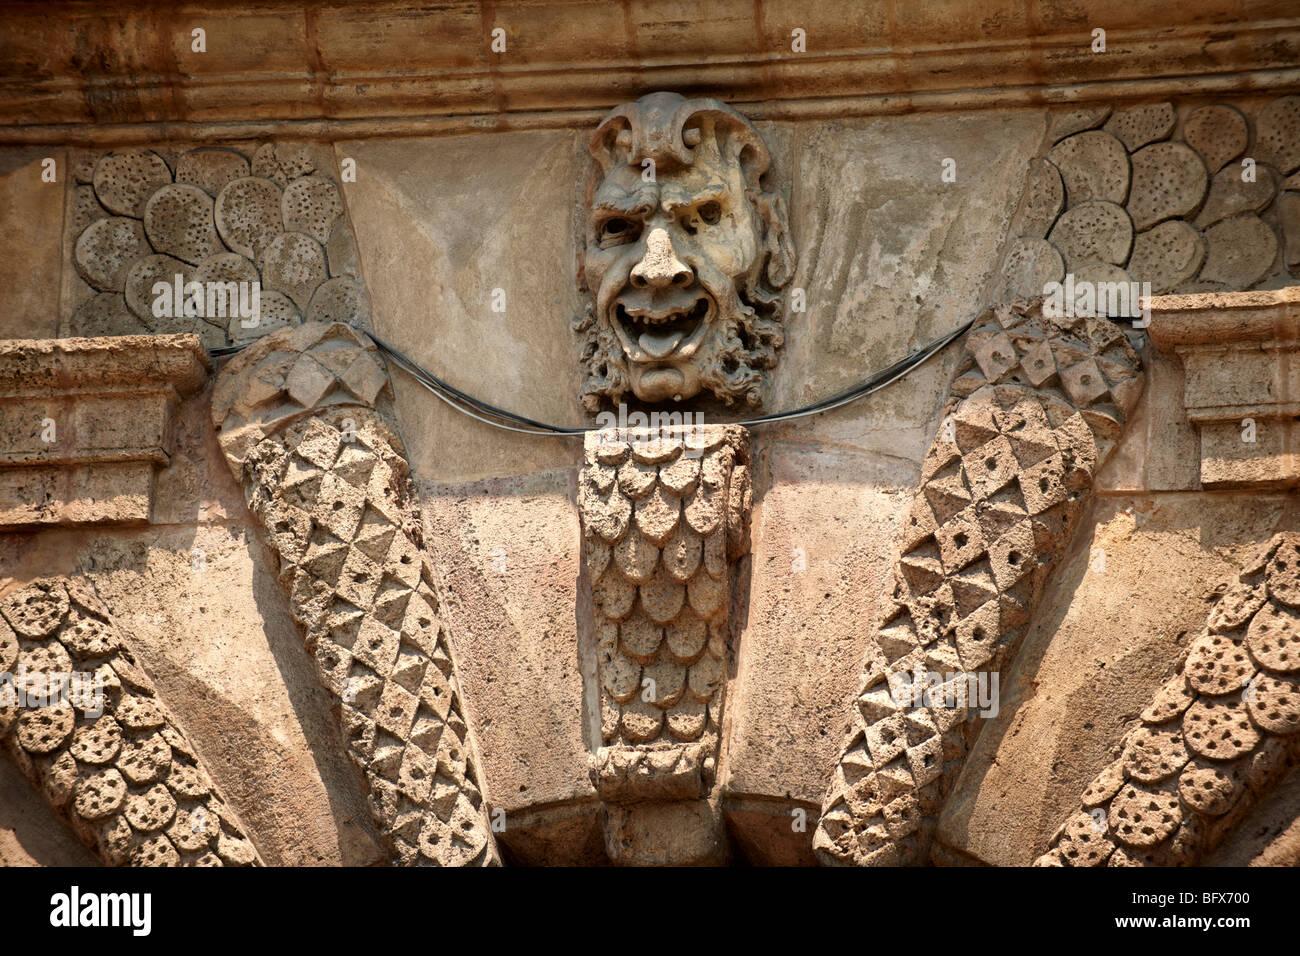 La Pota Nuova arch Sculptures, décoration architecturale, Palerme Sicile Photo Stock